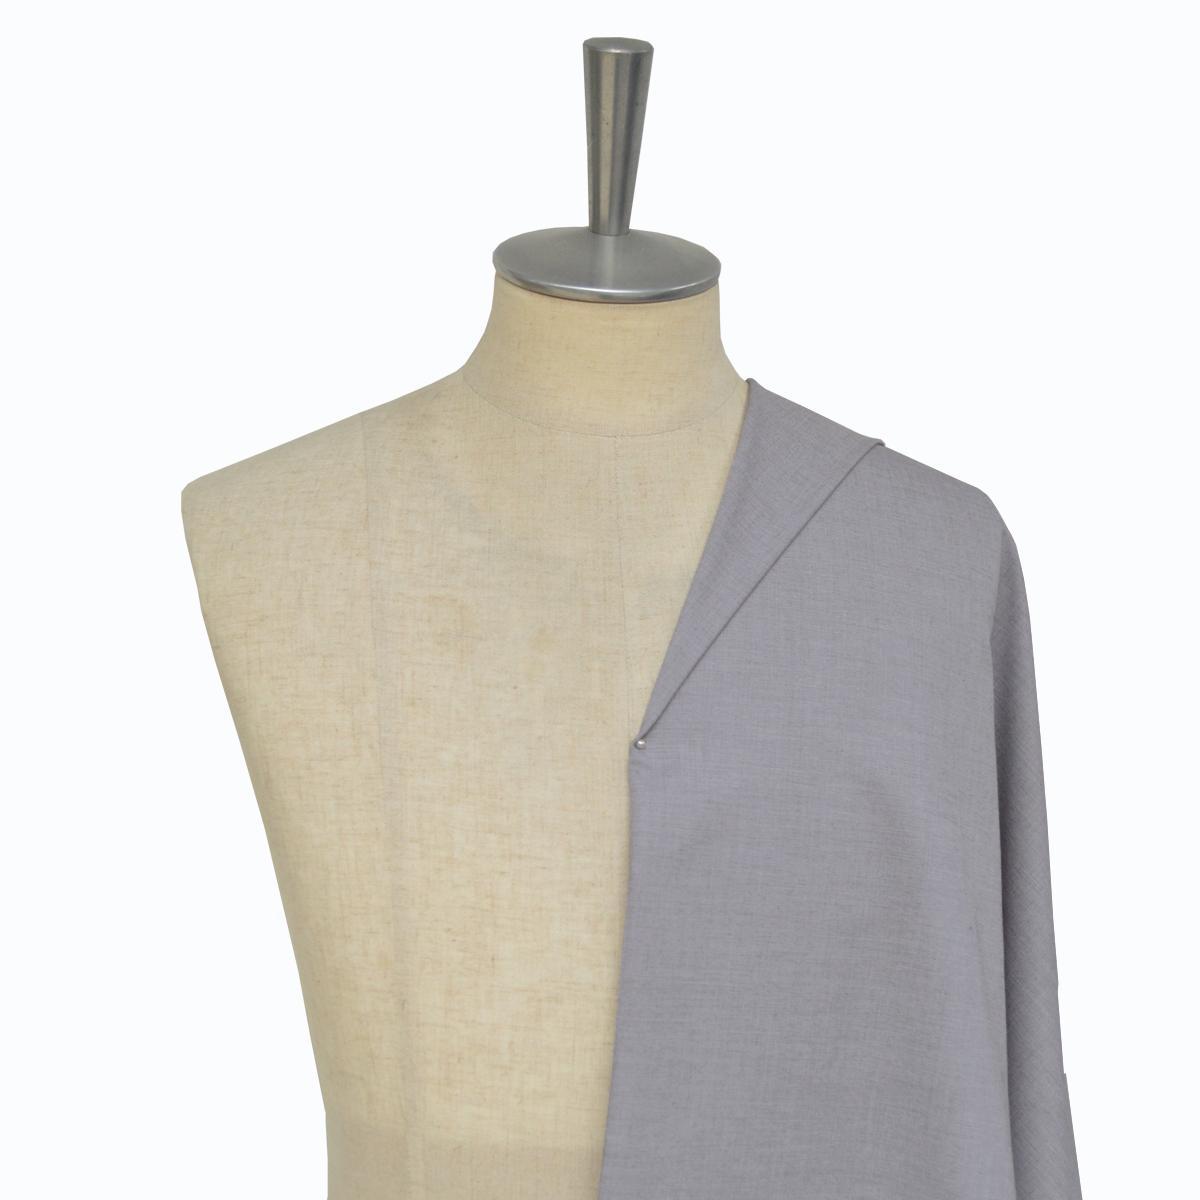 [オーダーシャツ]【形態安定】ライトグレーシャツでお洒落の幅が広がる。